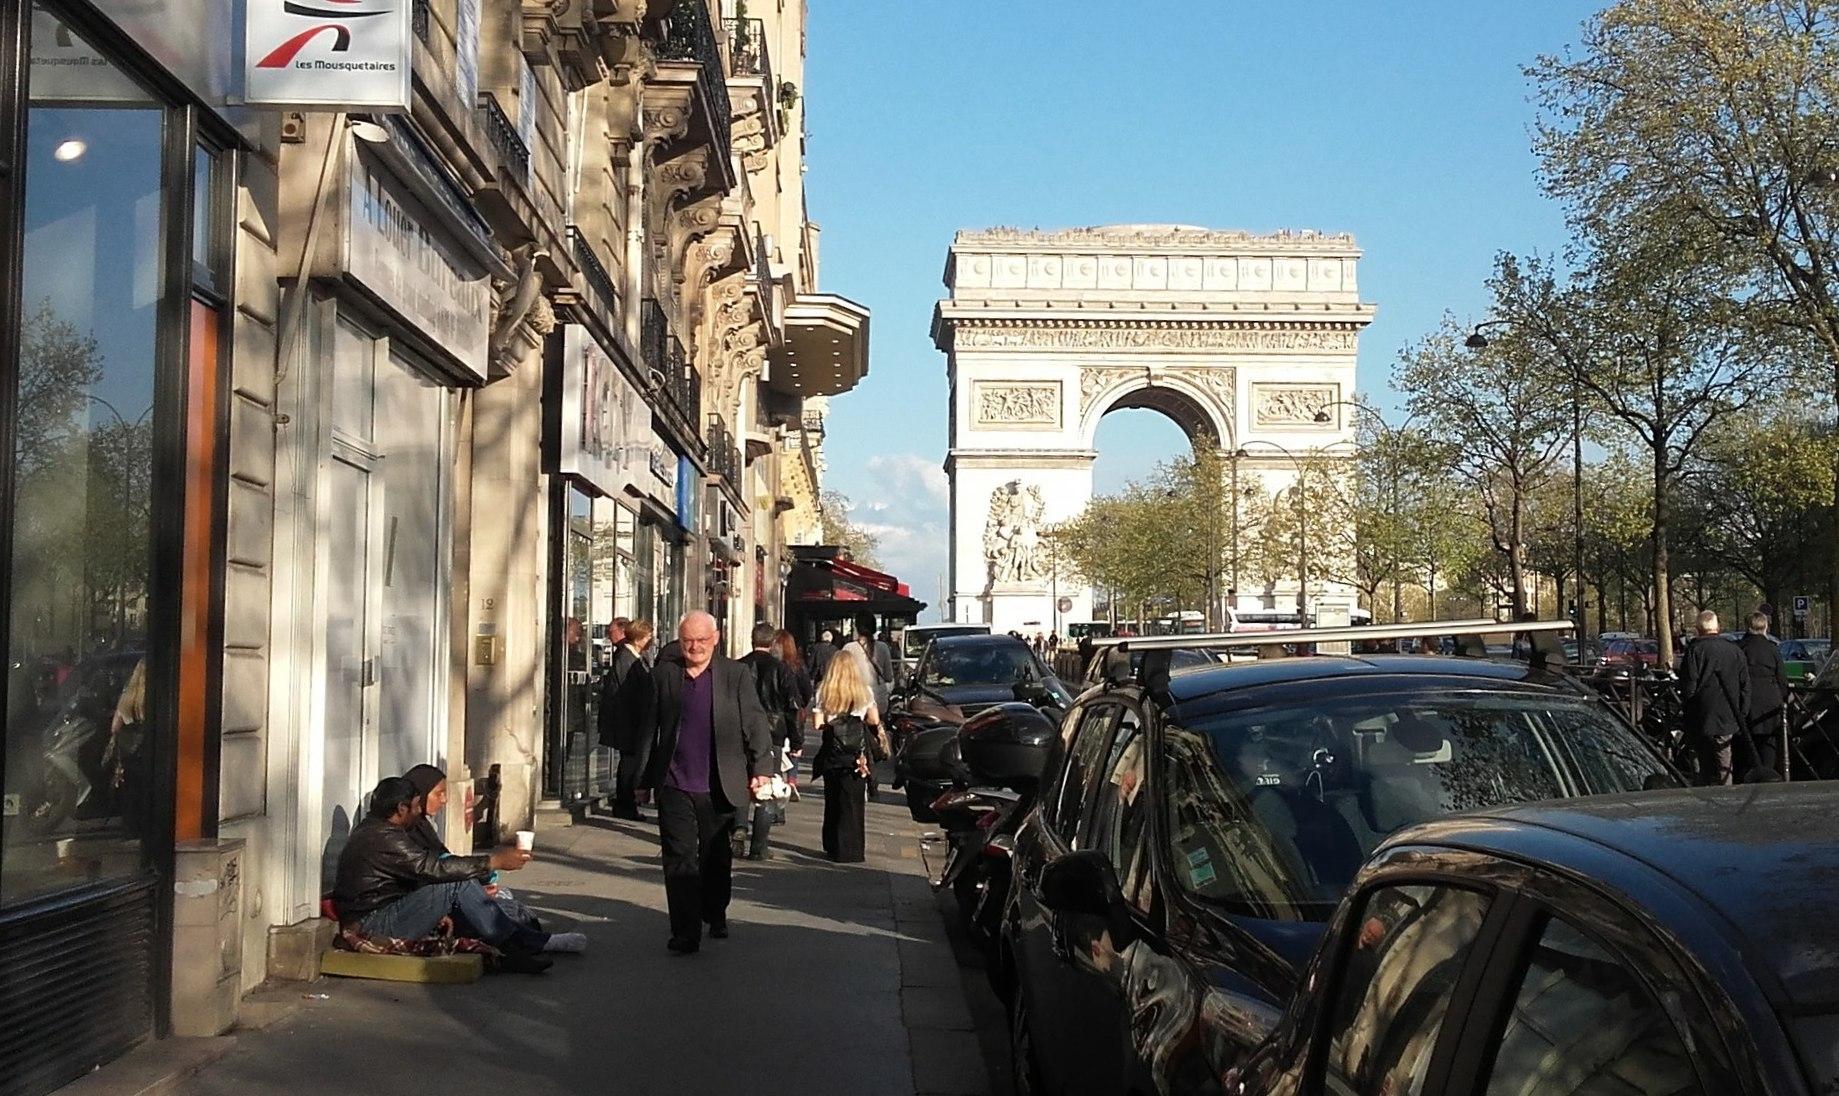 Алжир отклонил просьбу Франции о возвращении мигрантов на родину Весь мир